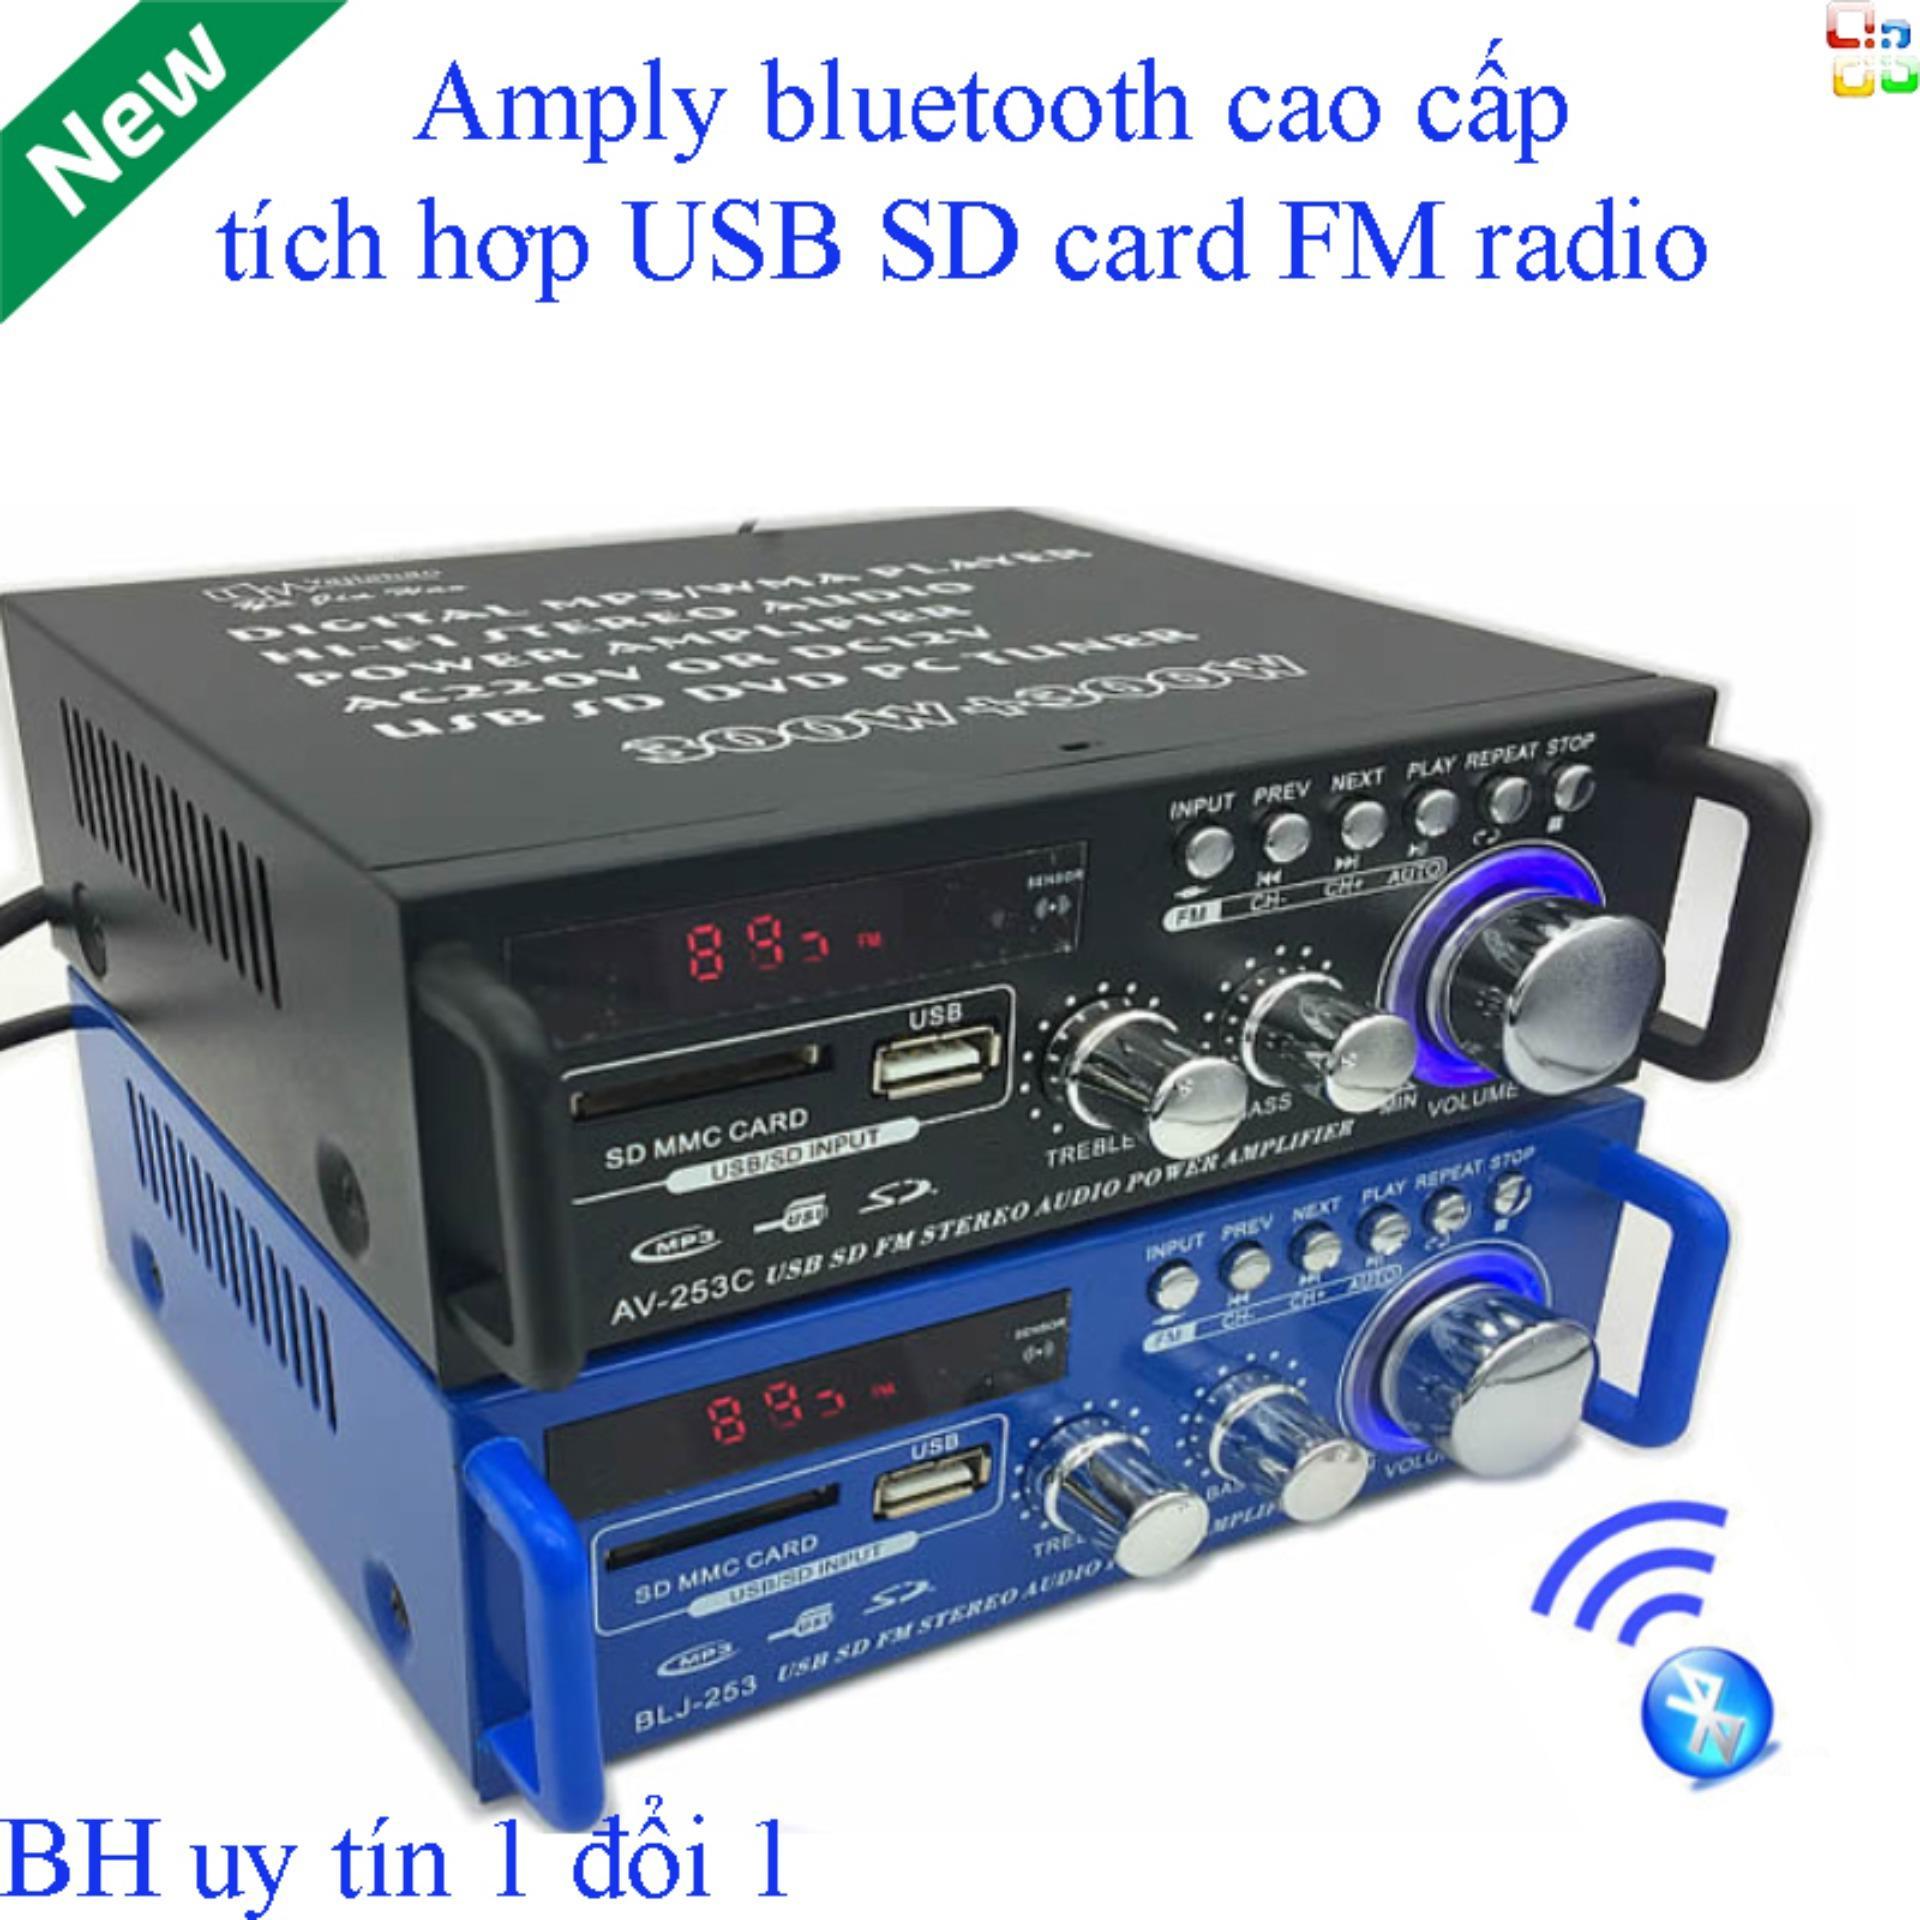 Âm ly mini bluetooth ,Âm Ly Mini, ,Amply Bluetooth Tely-Jbv253 Cao Cấp Tiện Lợi (Giá Off-50%) Thiết Kế Tinh Tế Cổng Usb,Sd Card,Radio.Tích Hợp Kèm 2 Cổng Mic Karaoke.